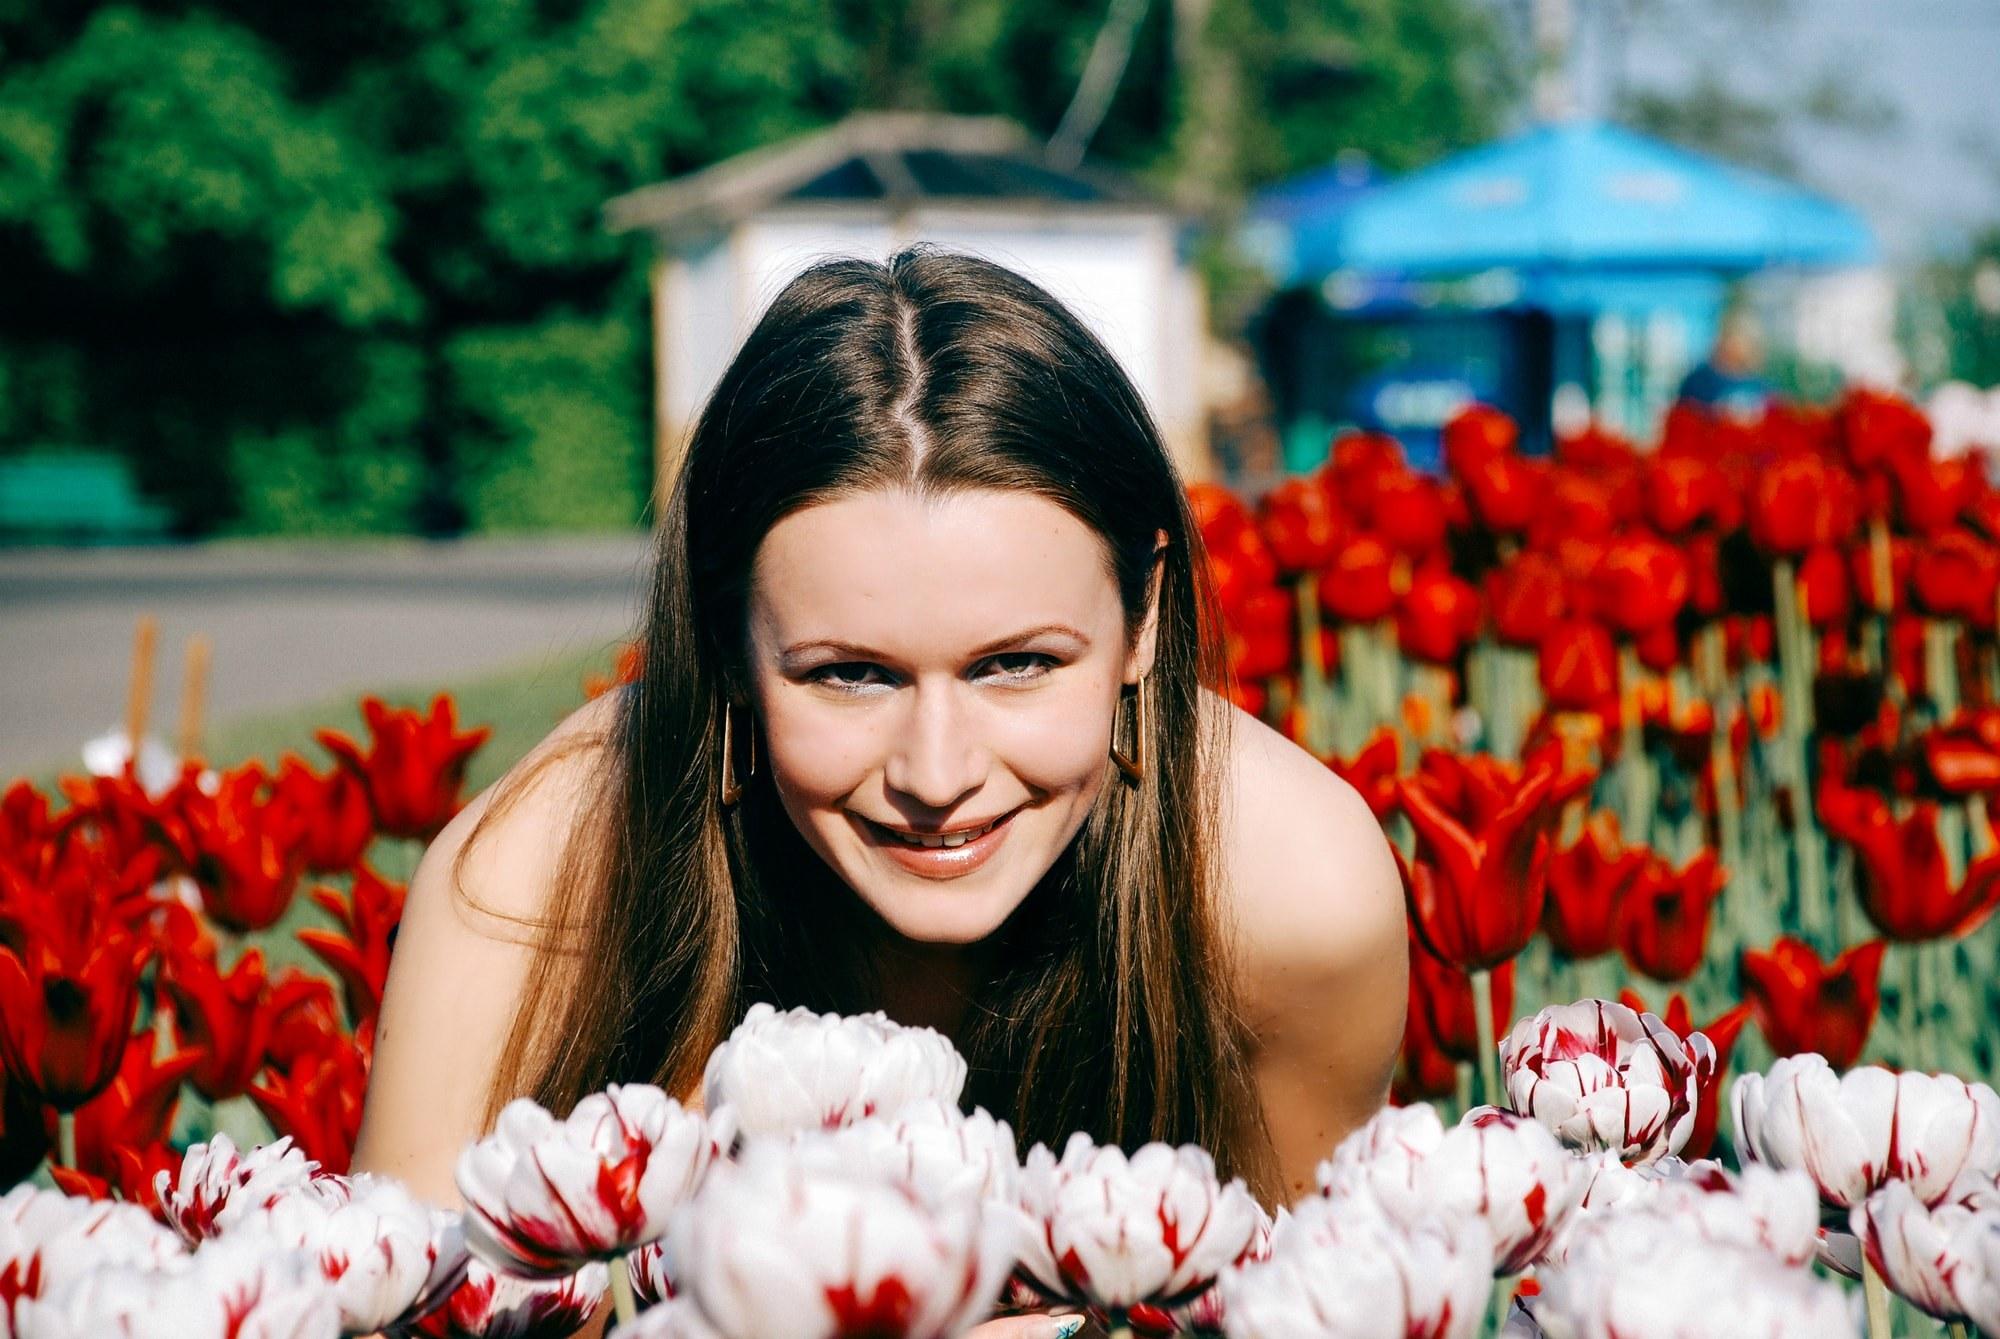 Девушка в тюльпанах - Фотограф Киев - Женя Лайт